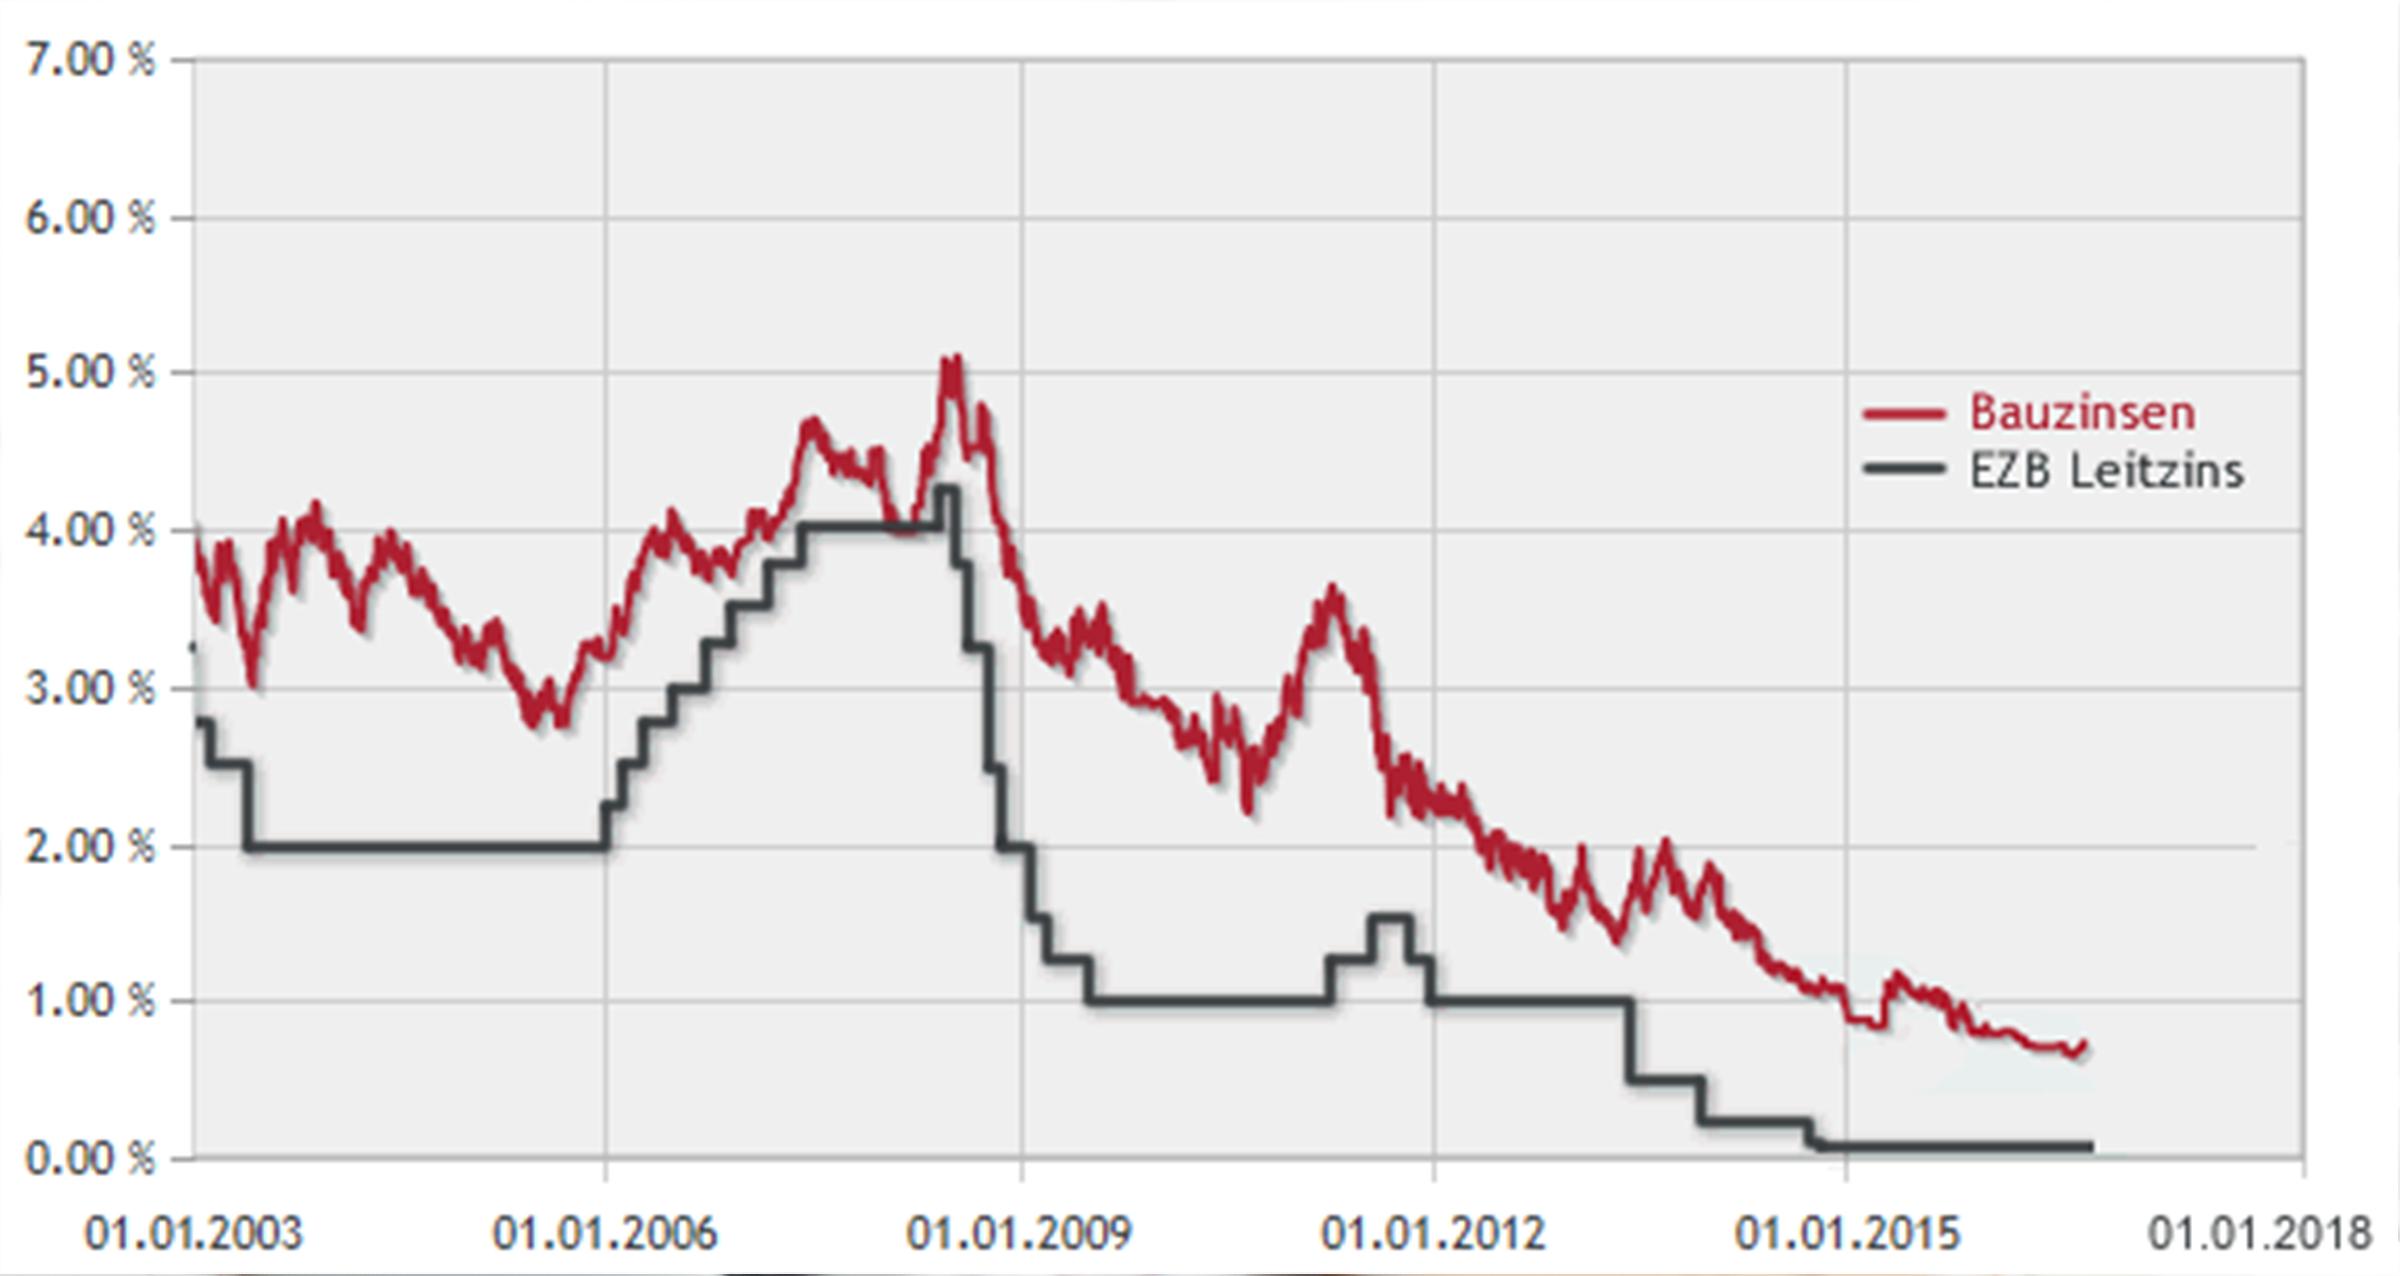 Sehen Sie, wie sich der Leitzins auf die Baufinanzierung auswirkt